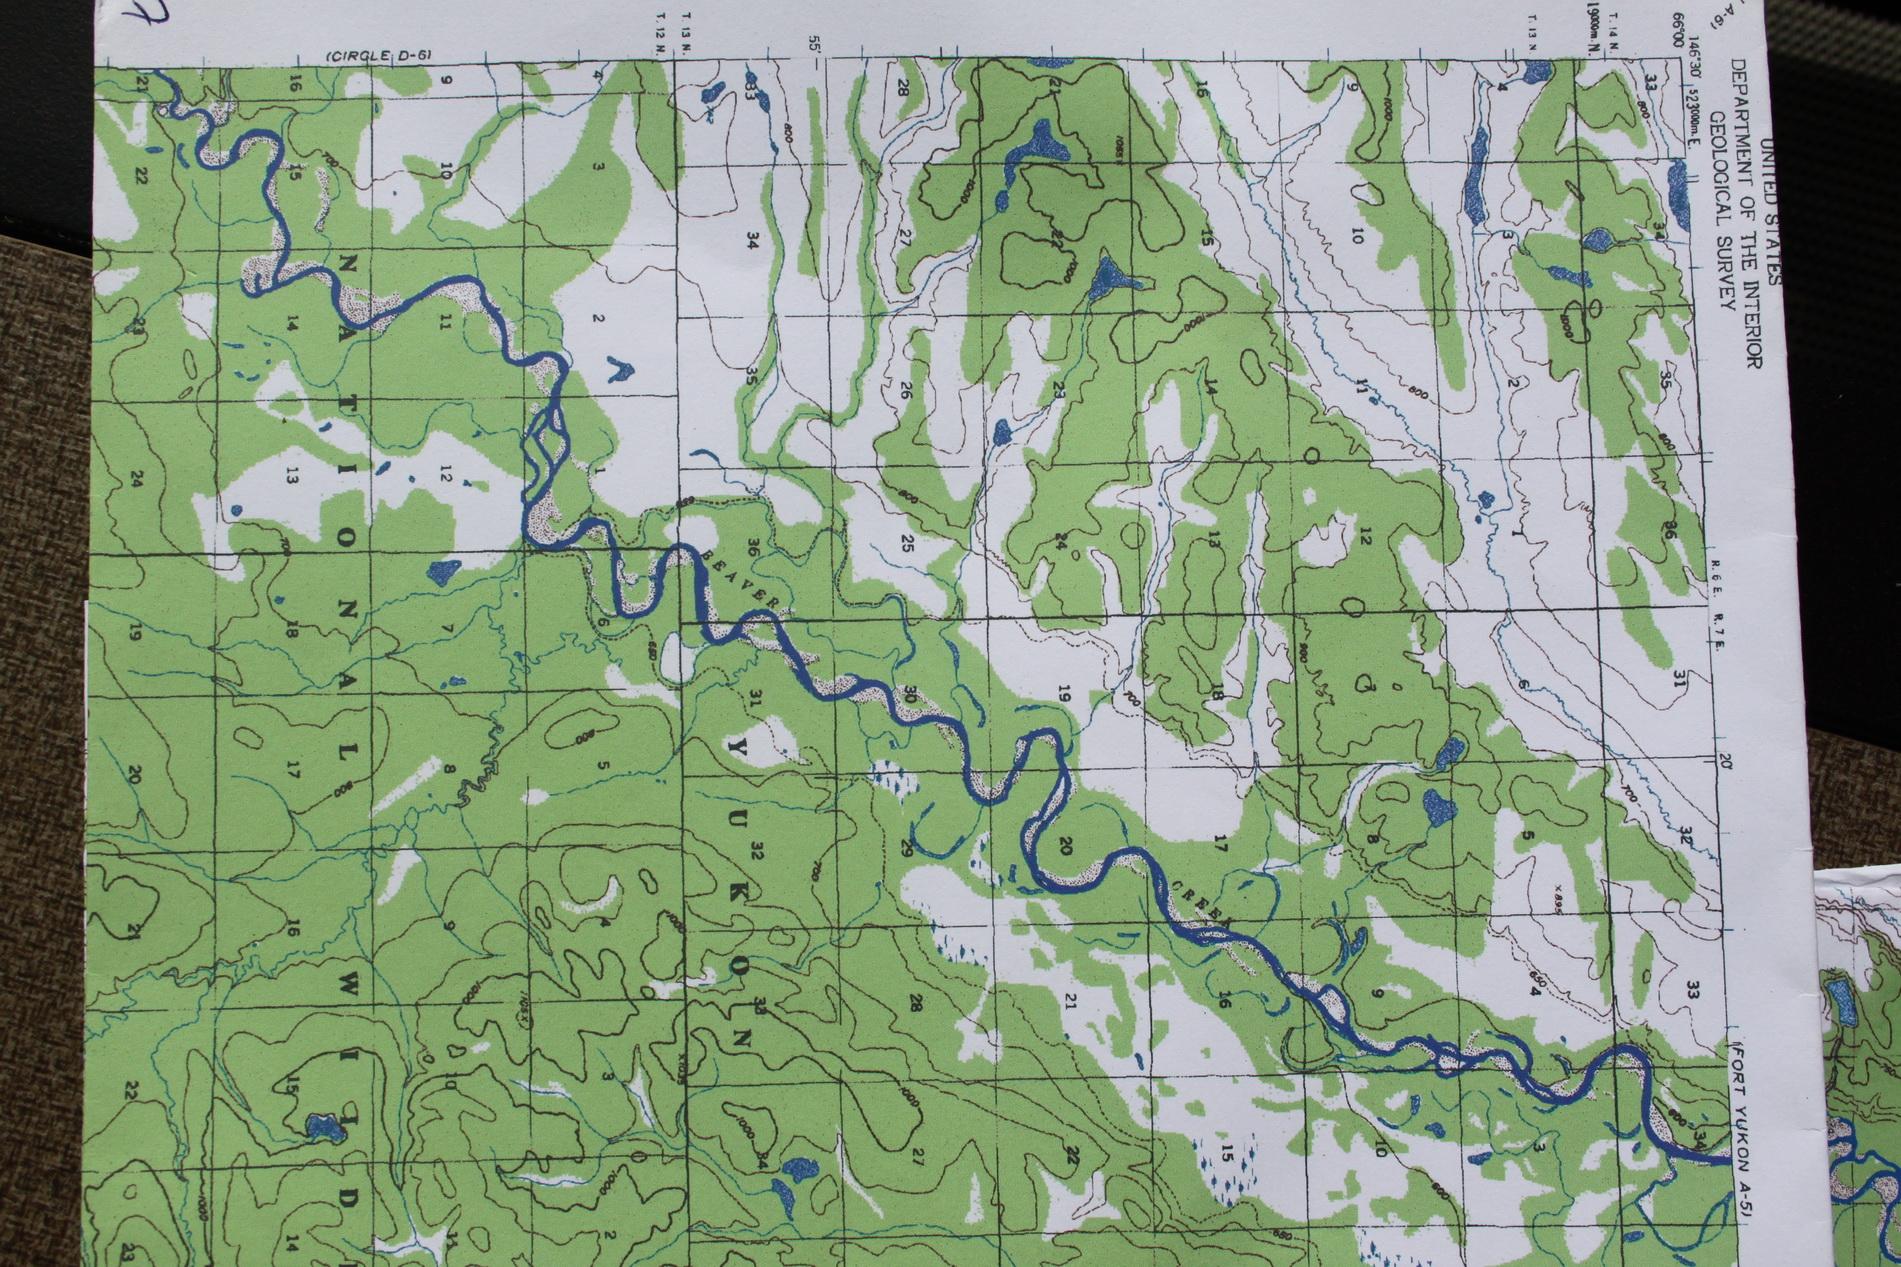 Das ist eine von den Landkarten, die Peter uns für die Tour mitgegeben hat.